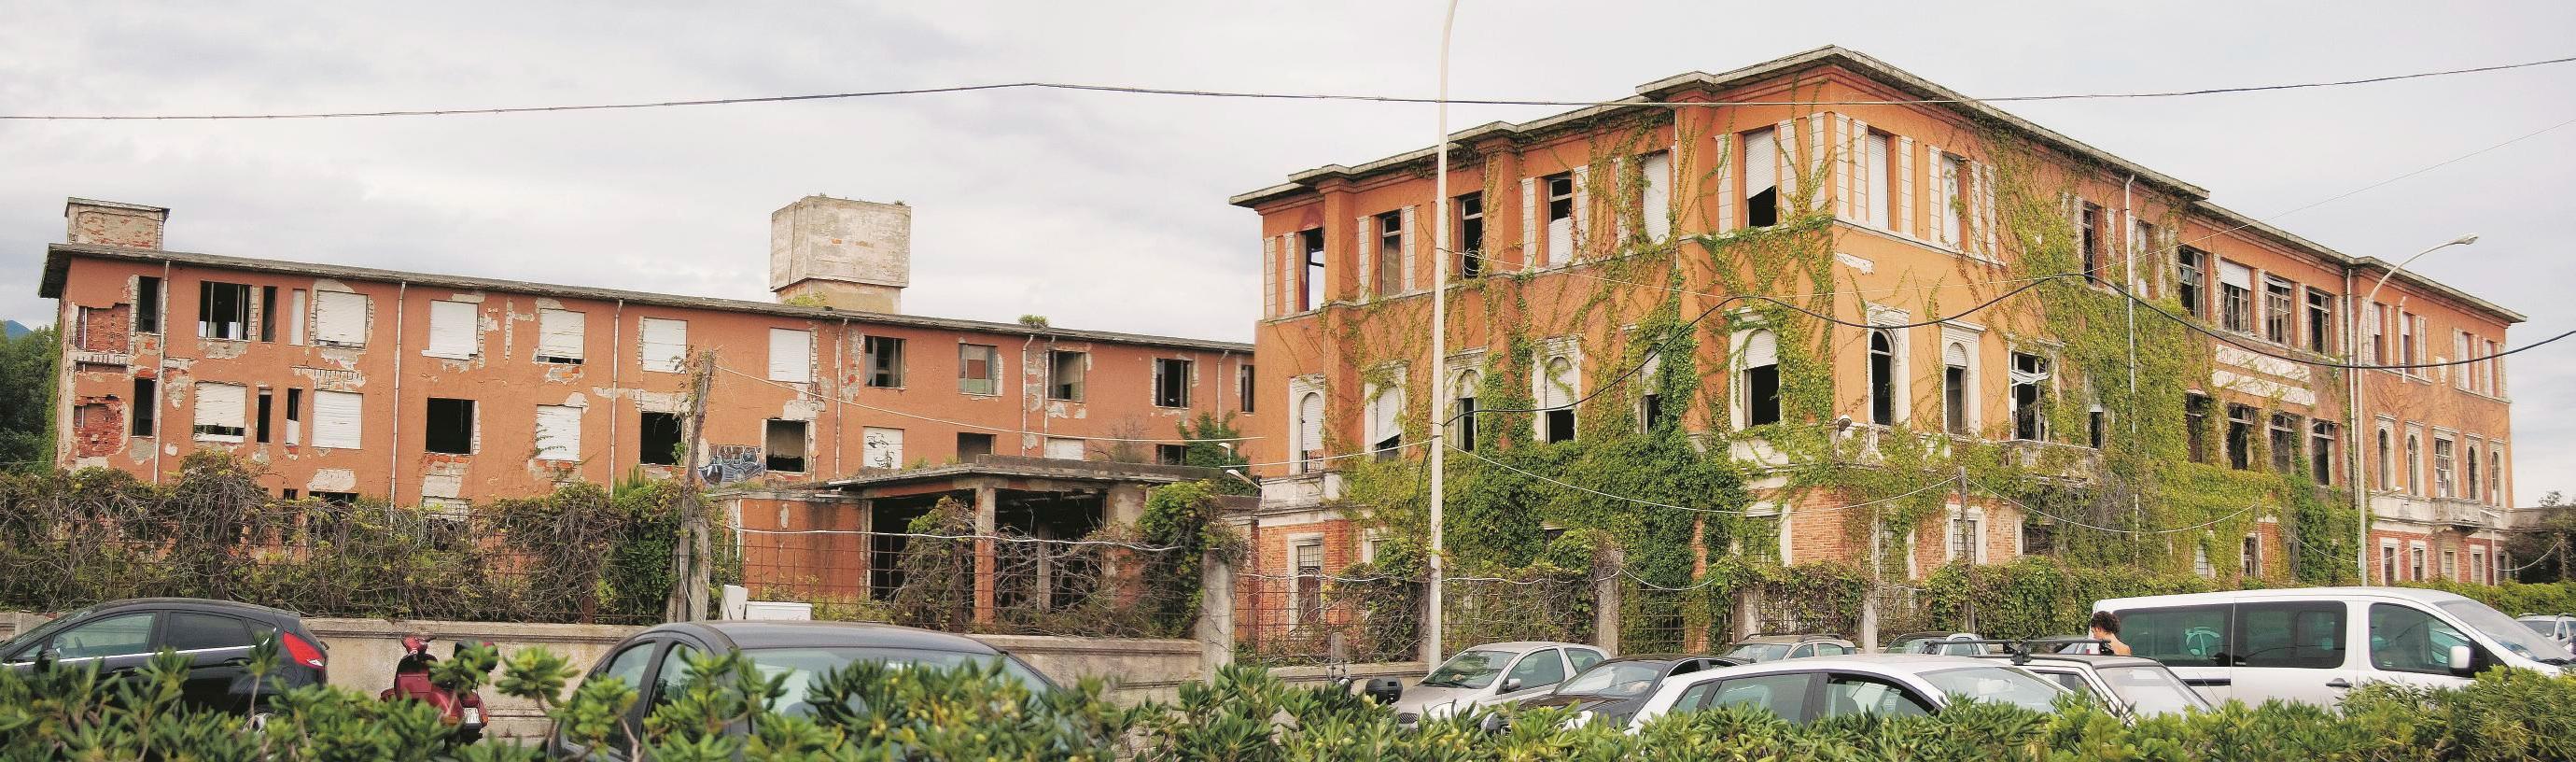 PRIMA. Ex-Colonia Ettore Motta/Edison a Marina di Massa (MC).  (Foto di Marco Mirko Nani)  Sul Fatto Quotidiano di lunedì 8 settembre 2014